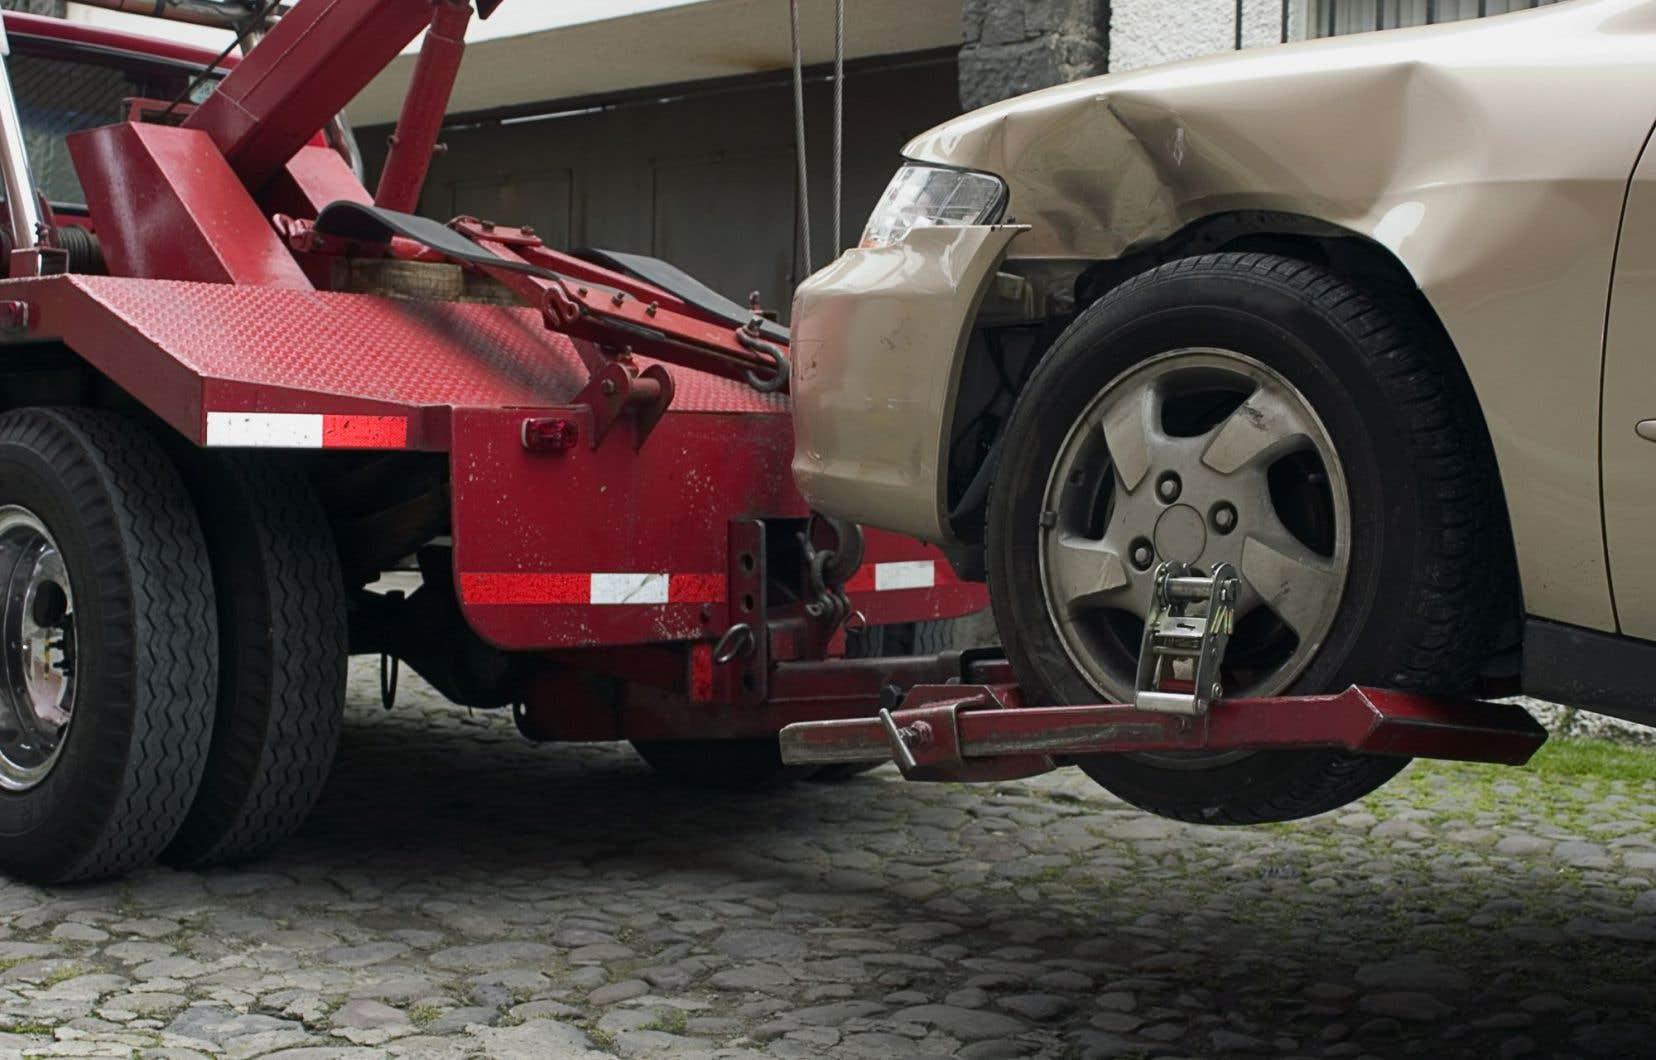 Le crime organisé aurait graduellement pris le contrôle de certains secteurs du remorquage, dont celui des véhicules accidentés.